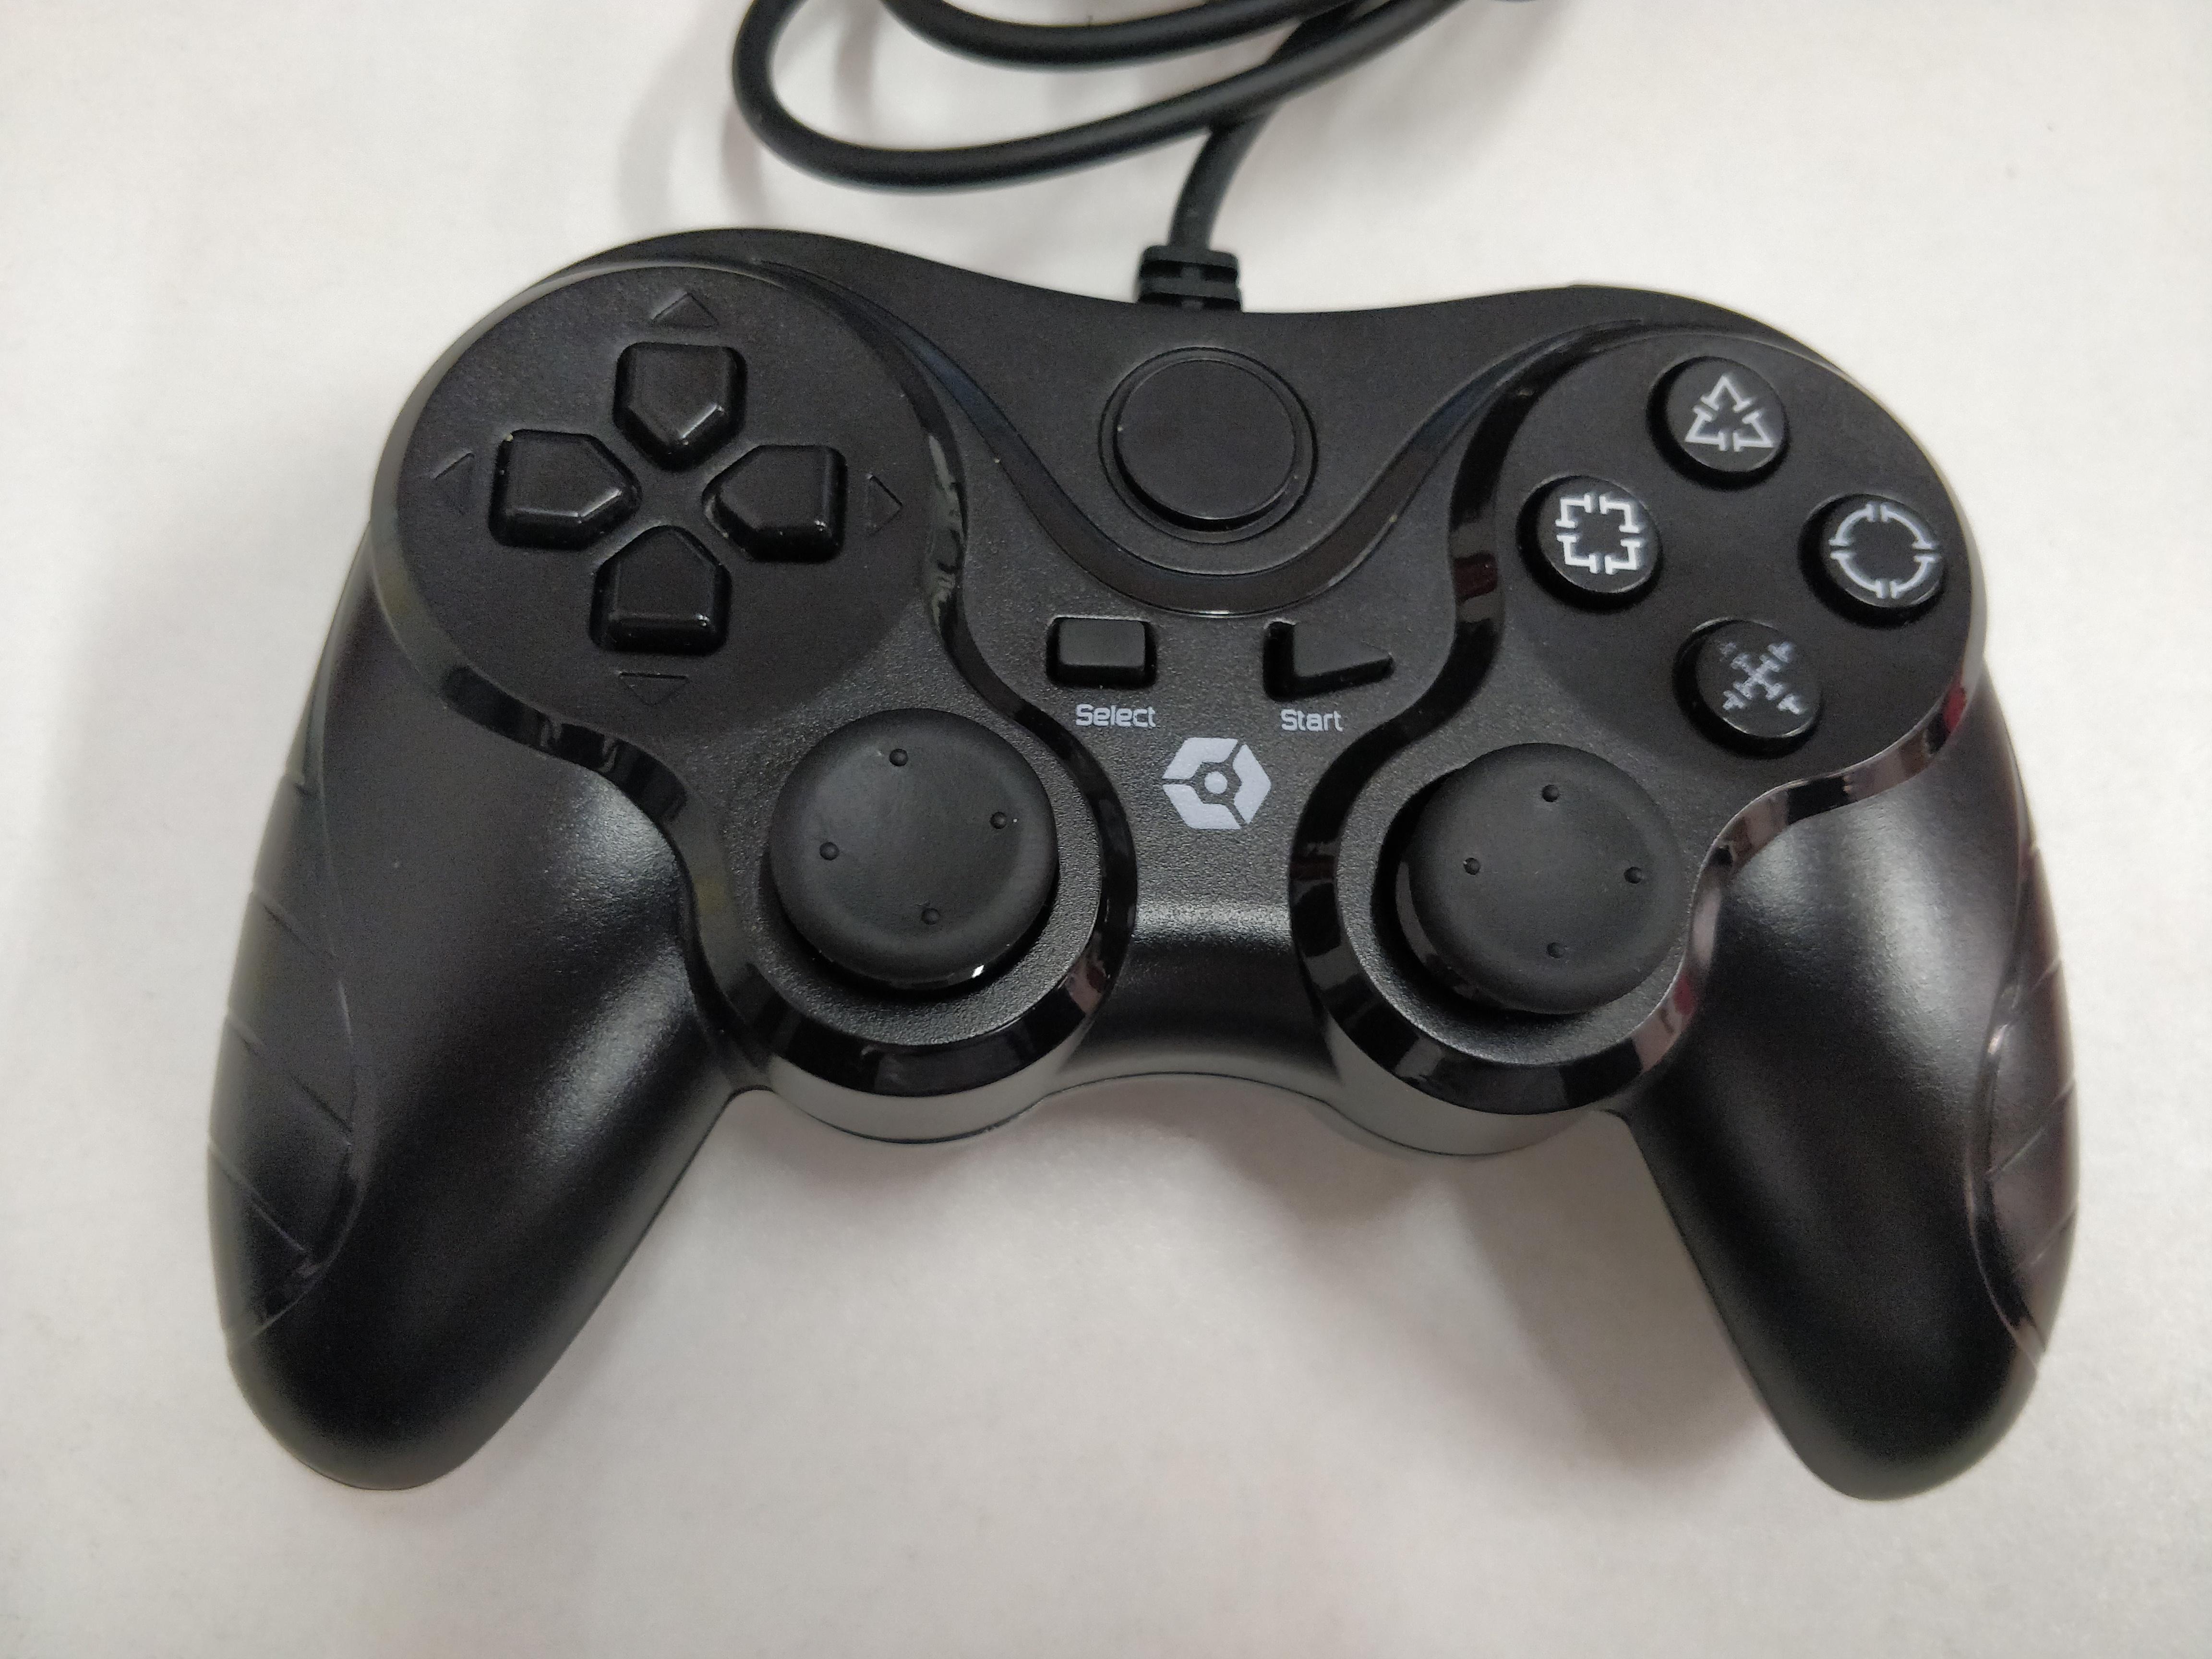 [PS3] Drátový Ovladač - černý (estetická vada)